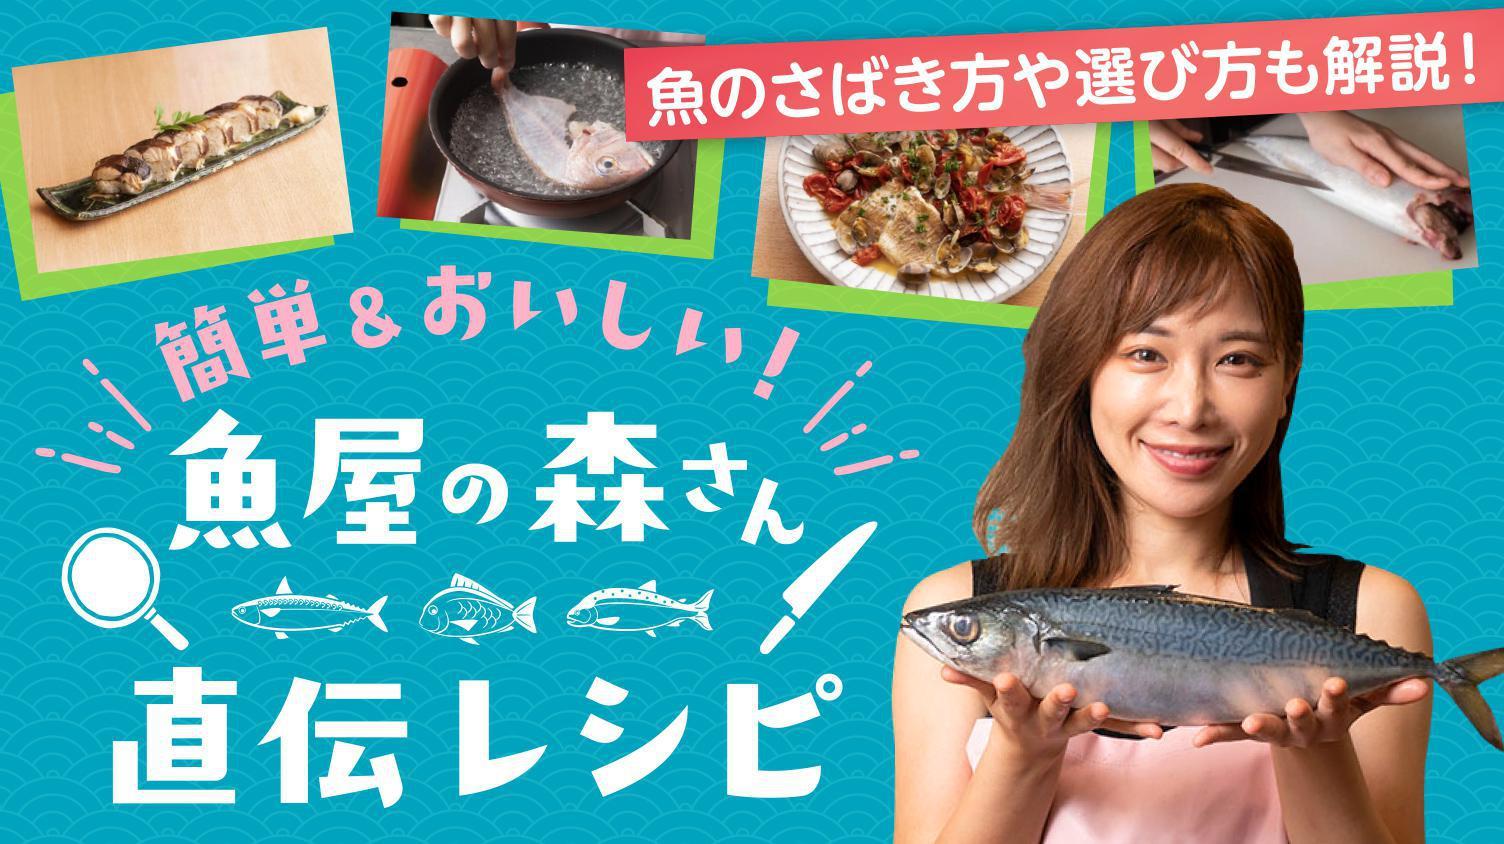 簡単&おいしい!魚屋の森さん直伝レシピ